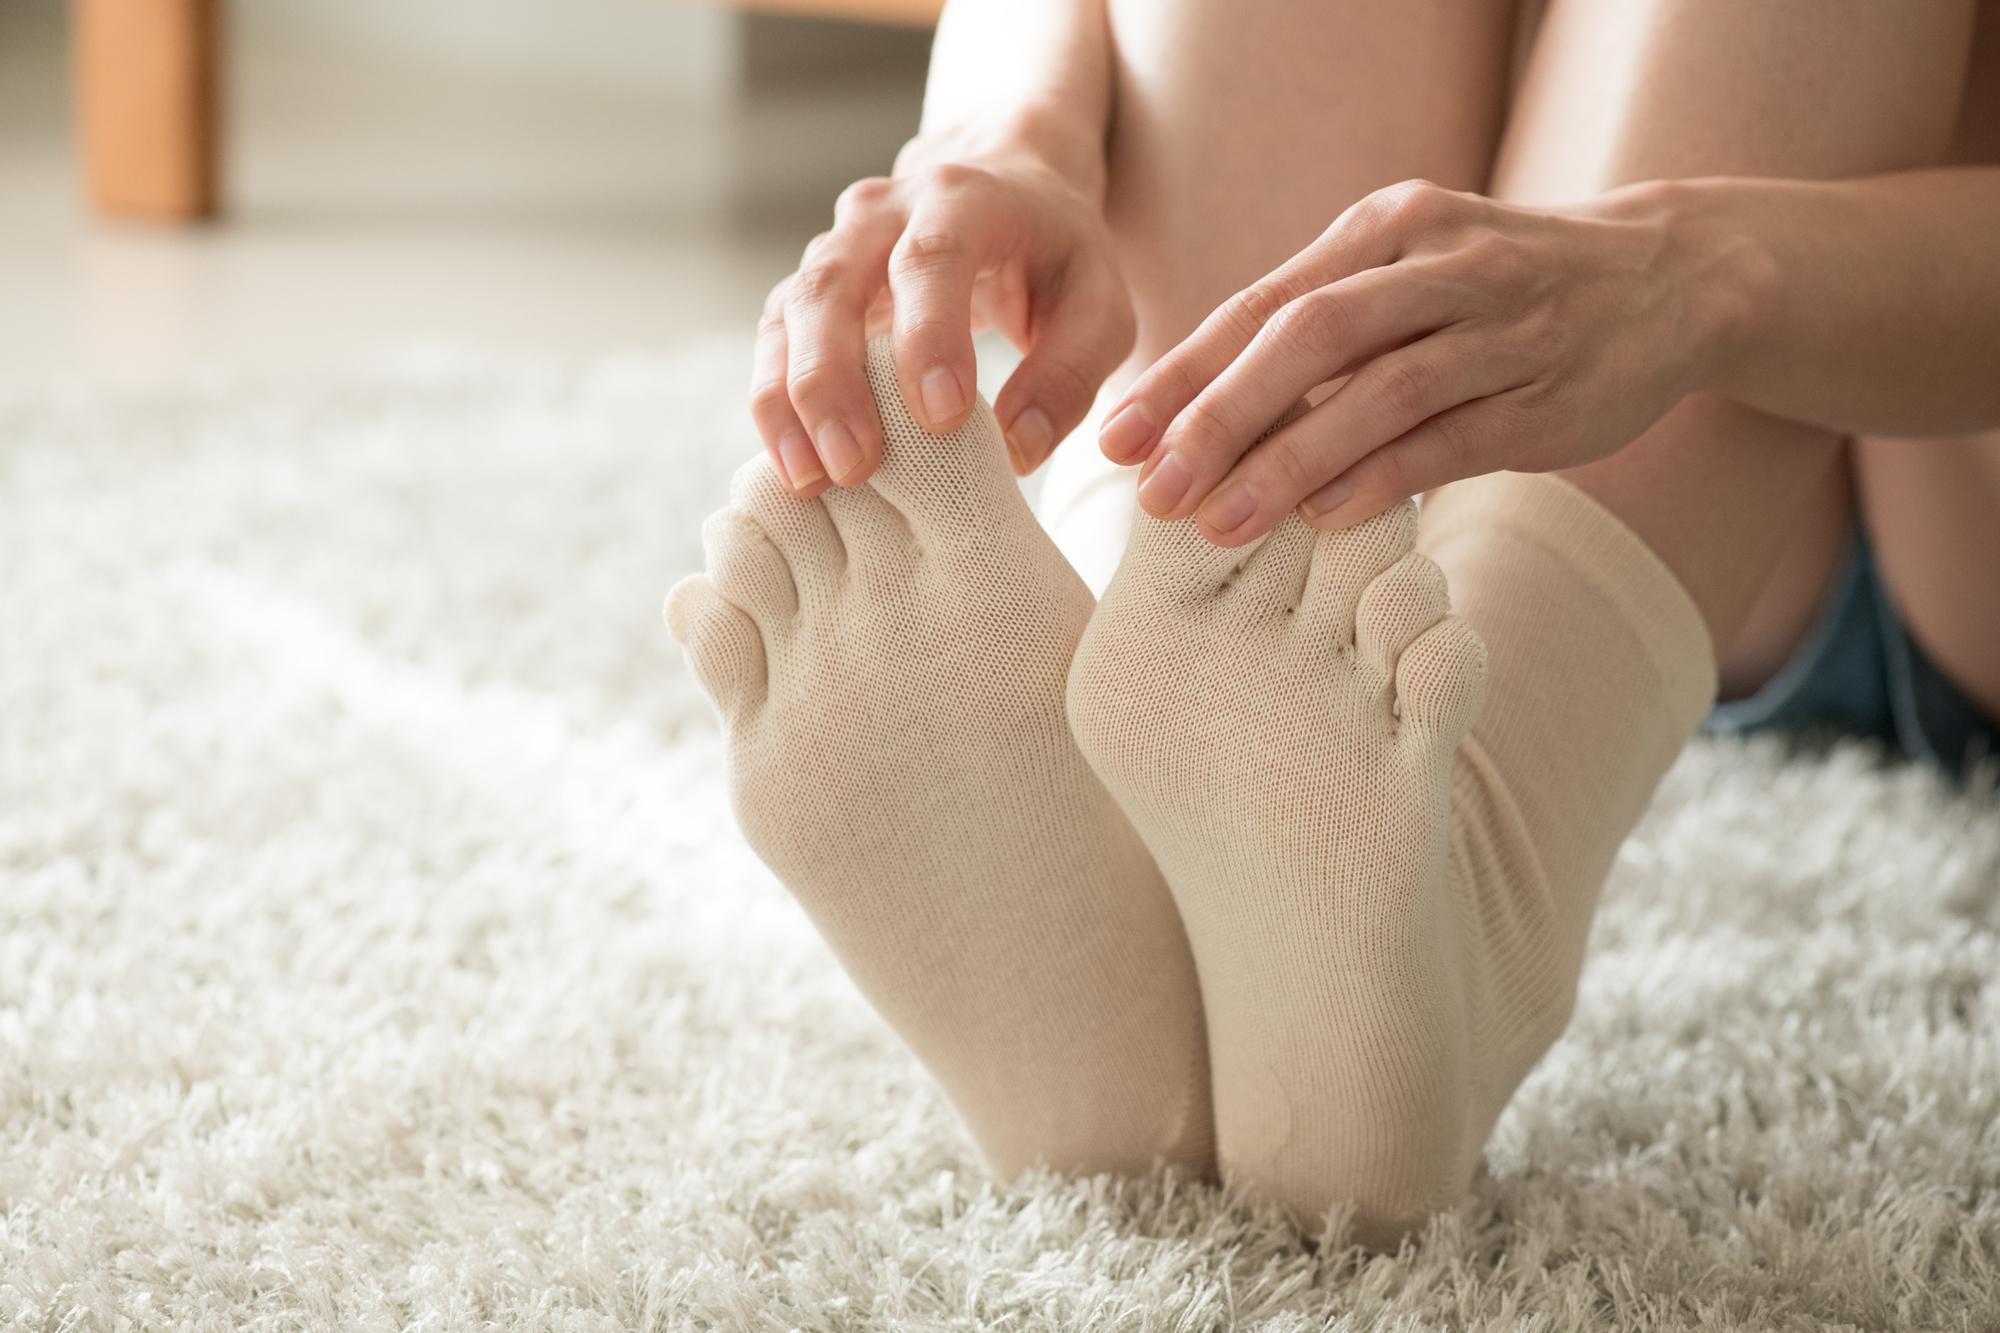 足部の変形、足裏の痛み